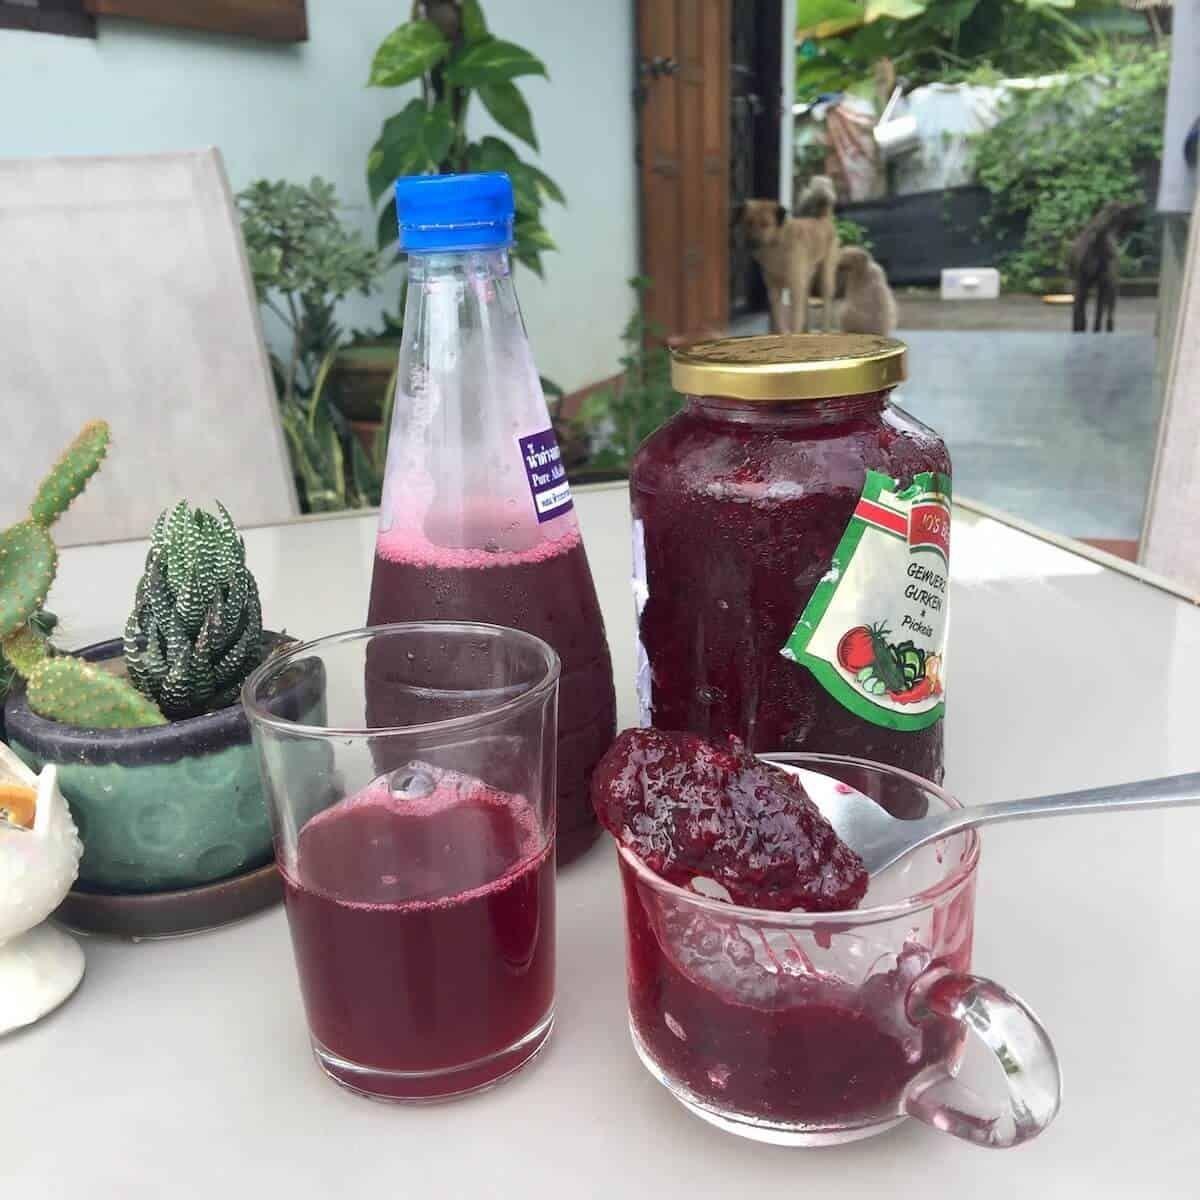 Rosella Jam Recipe From Hibiscus Flowers Sprouting Fam Recipe In 2020 Roselle Juice Jam Recipes Juicing Recipes